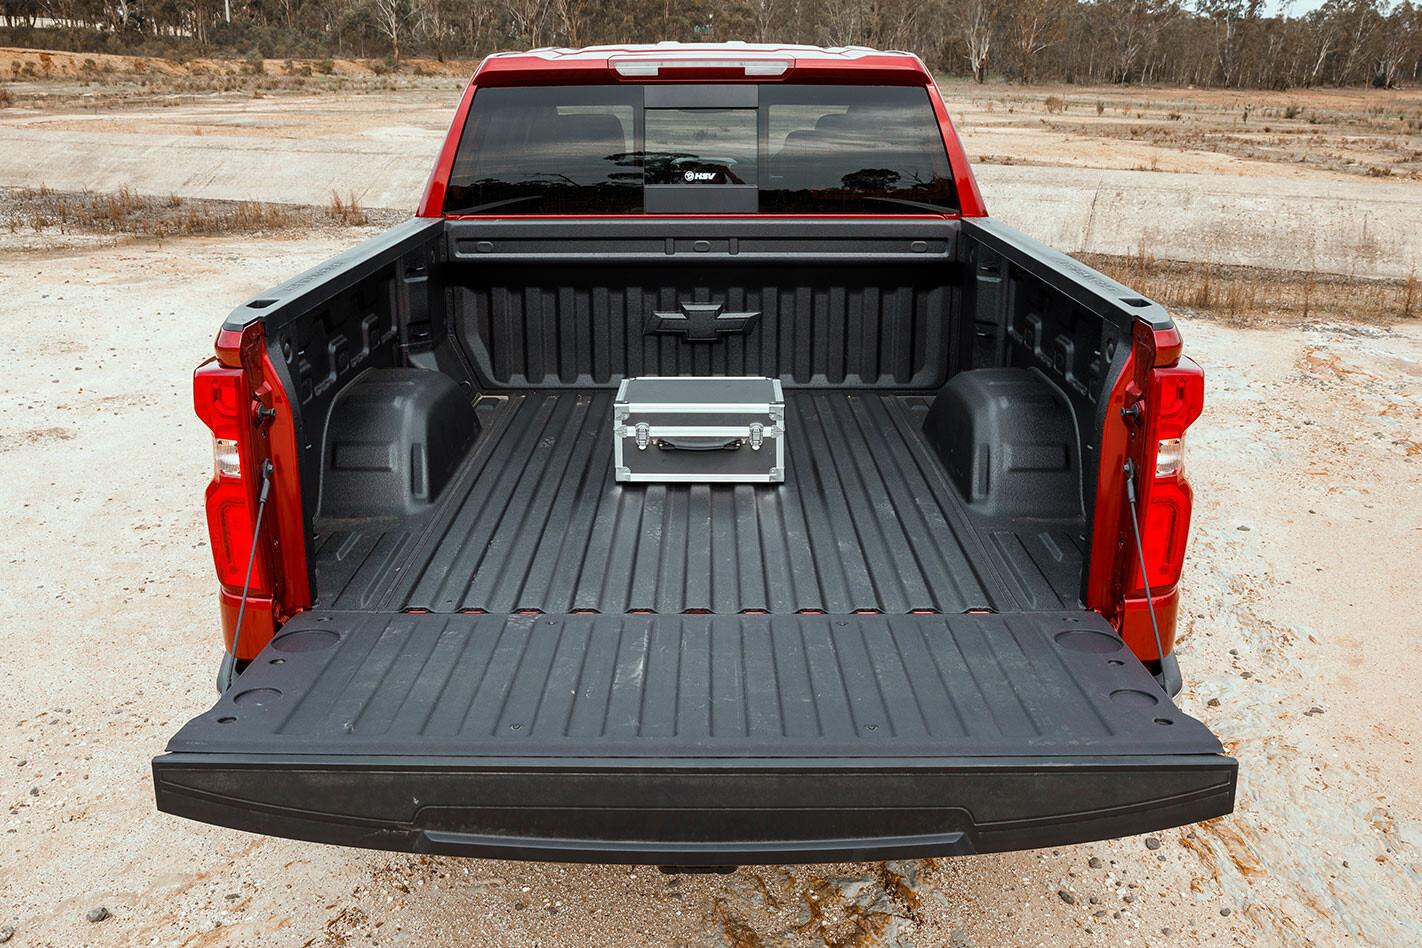 chev silverado rear tray